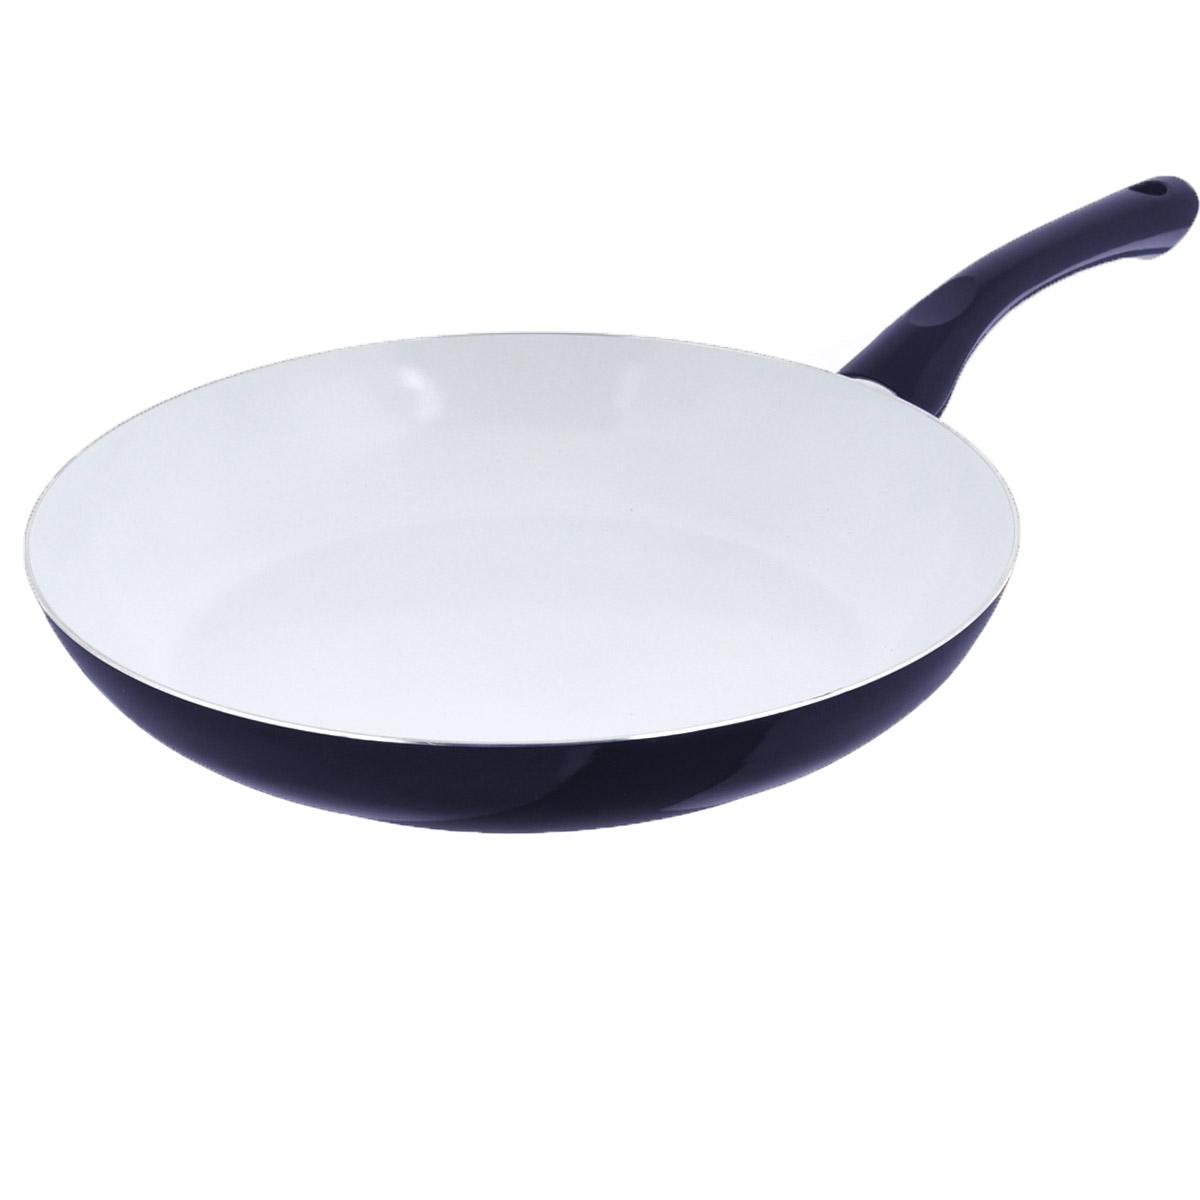 Сковорода Bekker, с антипригарным покрытием, цвет: темно-синий. Диаметр 30 см. BK-3705FS-91909Сковорода Bekker изготовлена из алюминия с внутренним антипригарным керамическим покрытием. Благодаря этому пища не пригорает и не прилипает к стенкам. Готовить можно с минимальным количеством масла и жиров. Гладкая поверхность обеспечивает легкость ухода за посудой. Внешнее покрытие - цветной жаростойкий лак. Изделие оснащено удобной бакелитовой ручкой, которая не нагревается в процессе готовки.Сковорода подходит для использования на всех типах кухонных плит, кроме индукционных, а также ее можно мыть в посудомоечной машине.